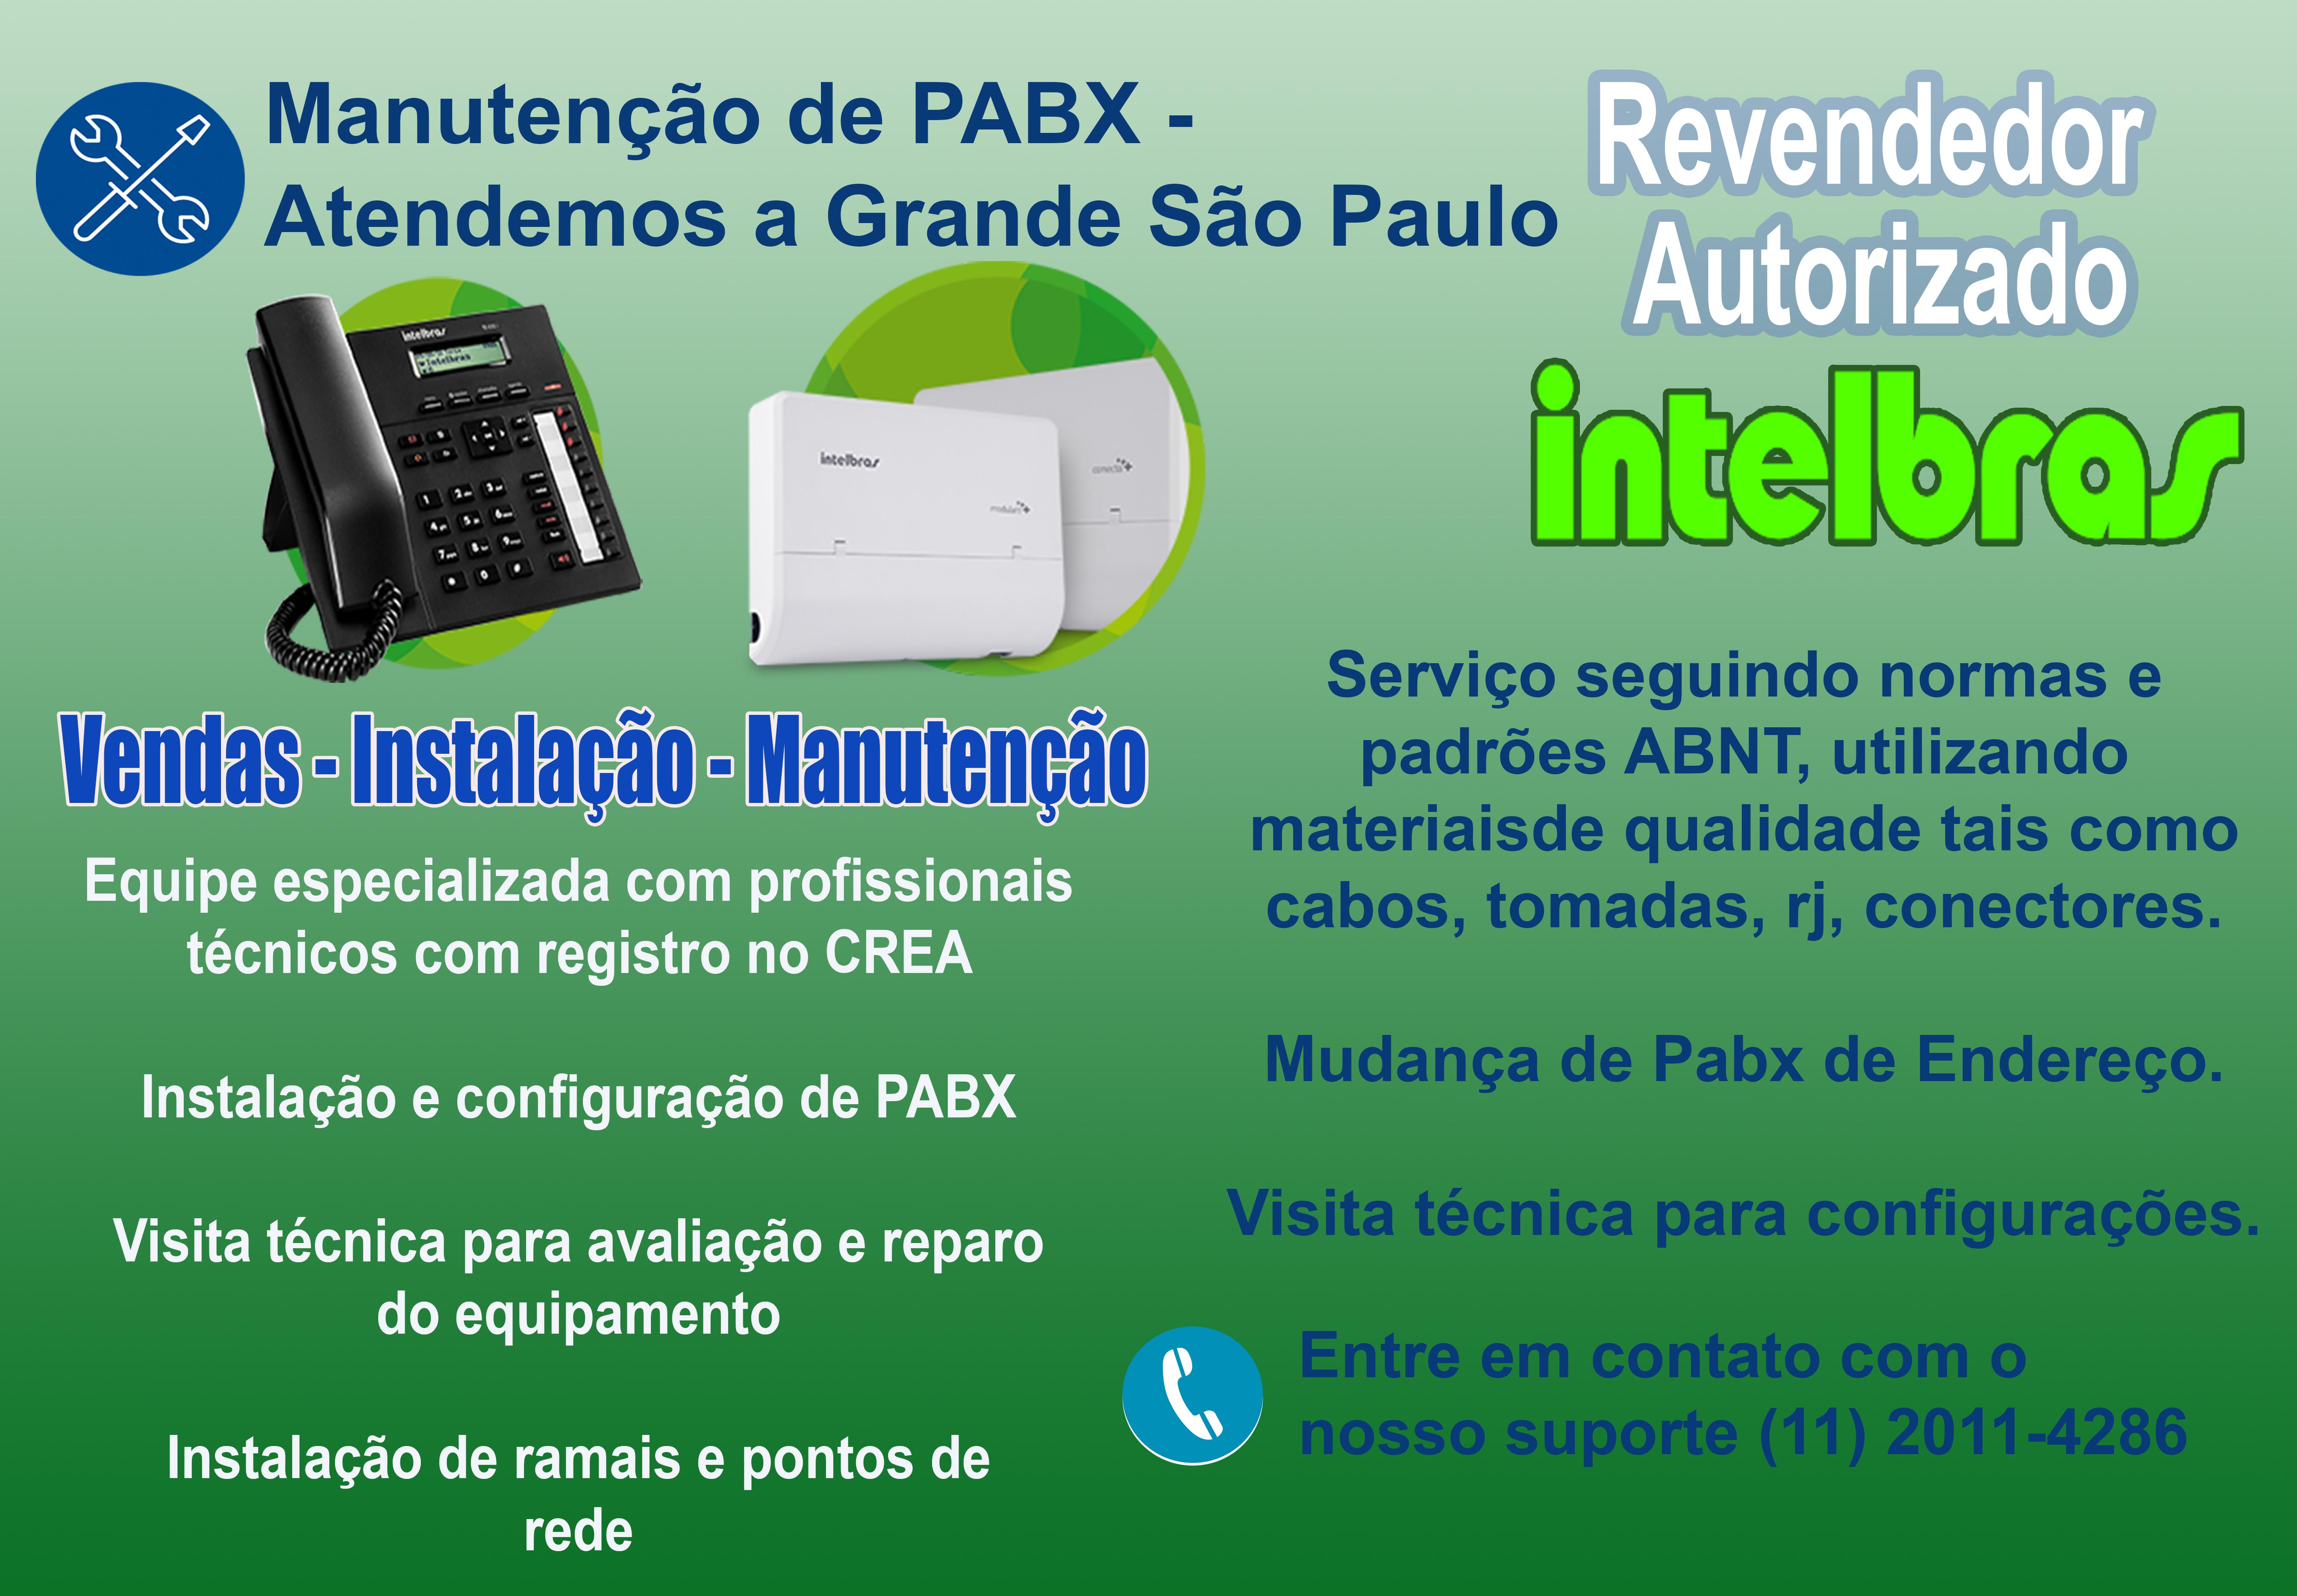 Manutenção de PABX em São